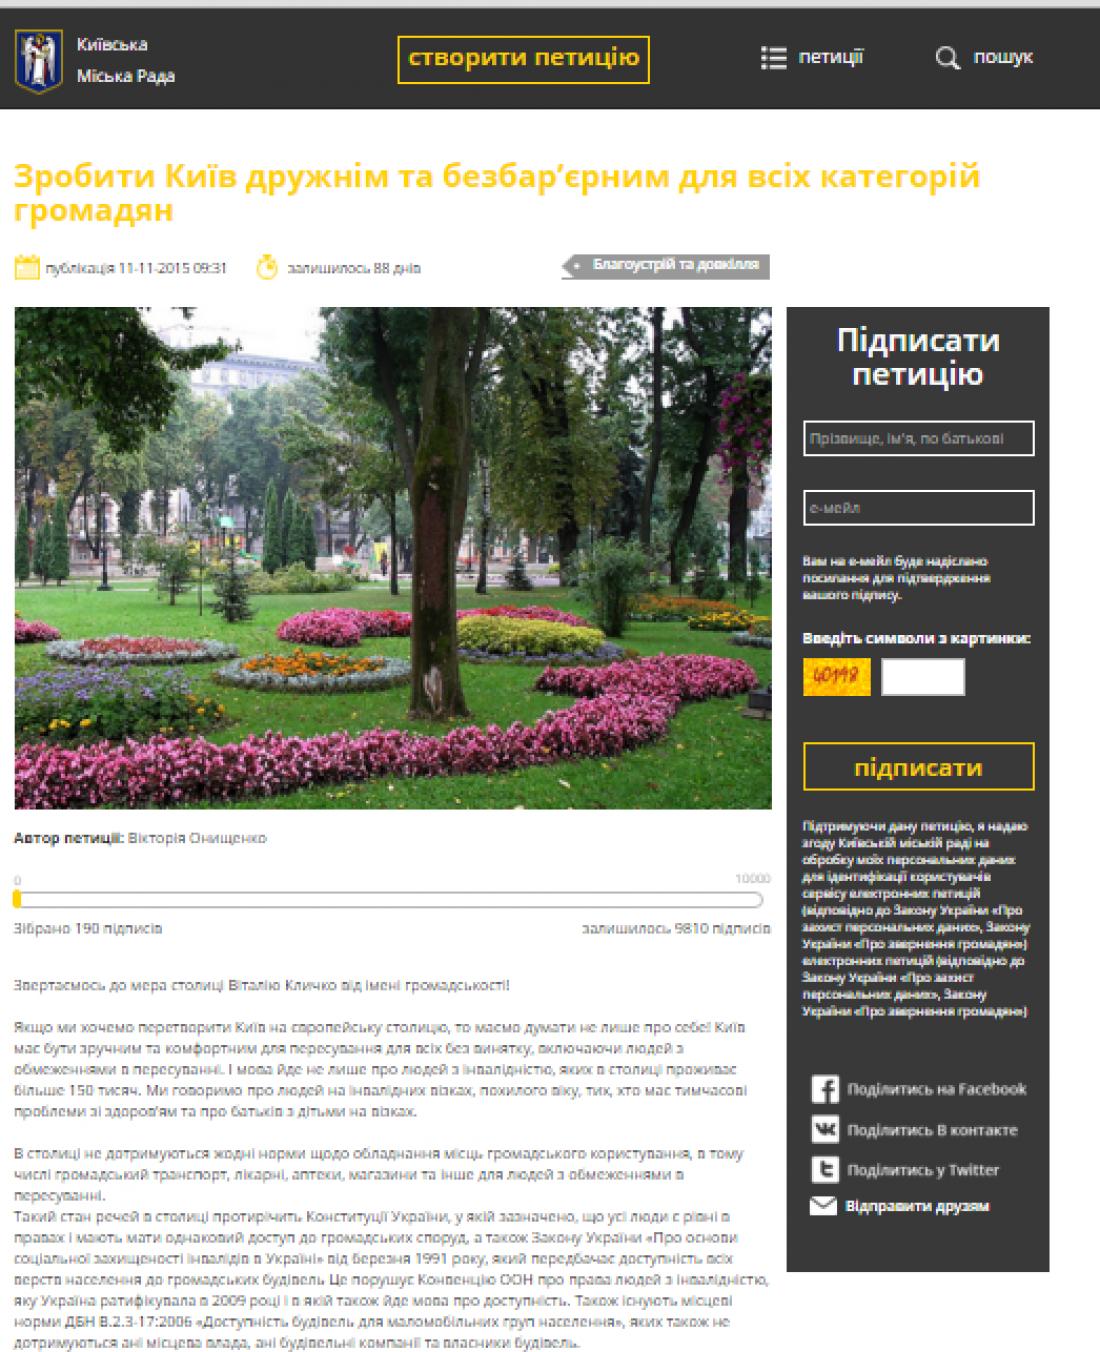 Петиция активистов к мэру Киева к Виталию Кличко